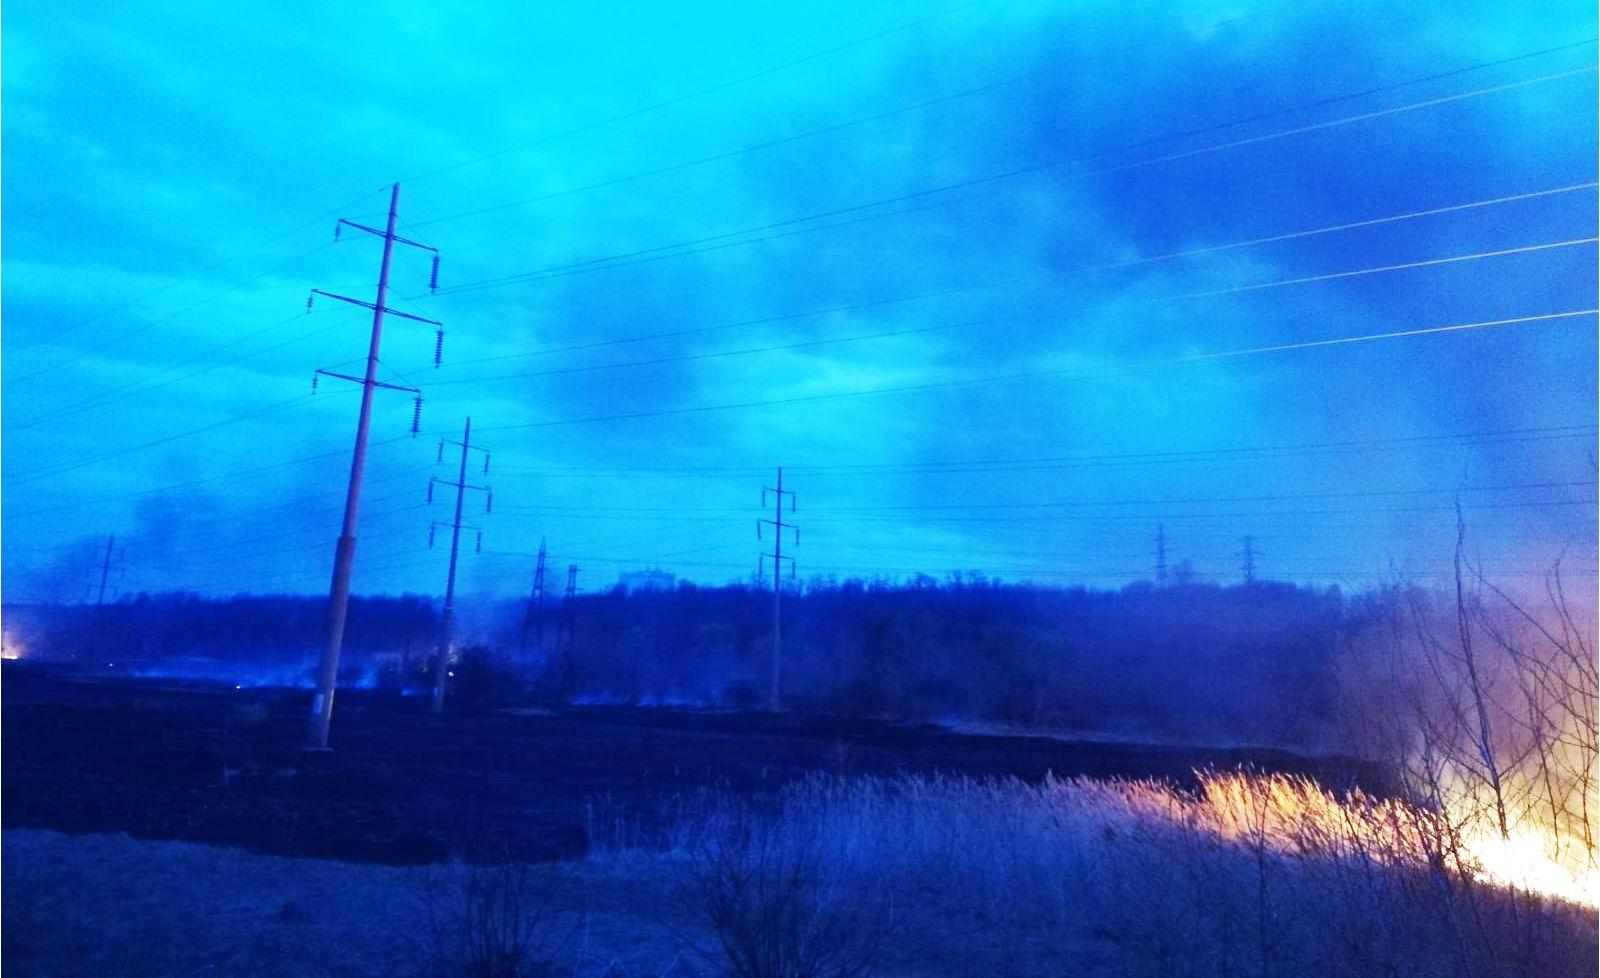 Incendiile de vegetaţie uscată pun în pericol sistemele de distribuţie a gazelor naturale şi energiei electrice